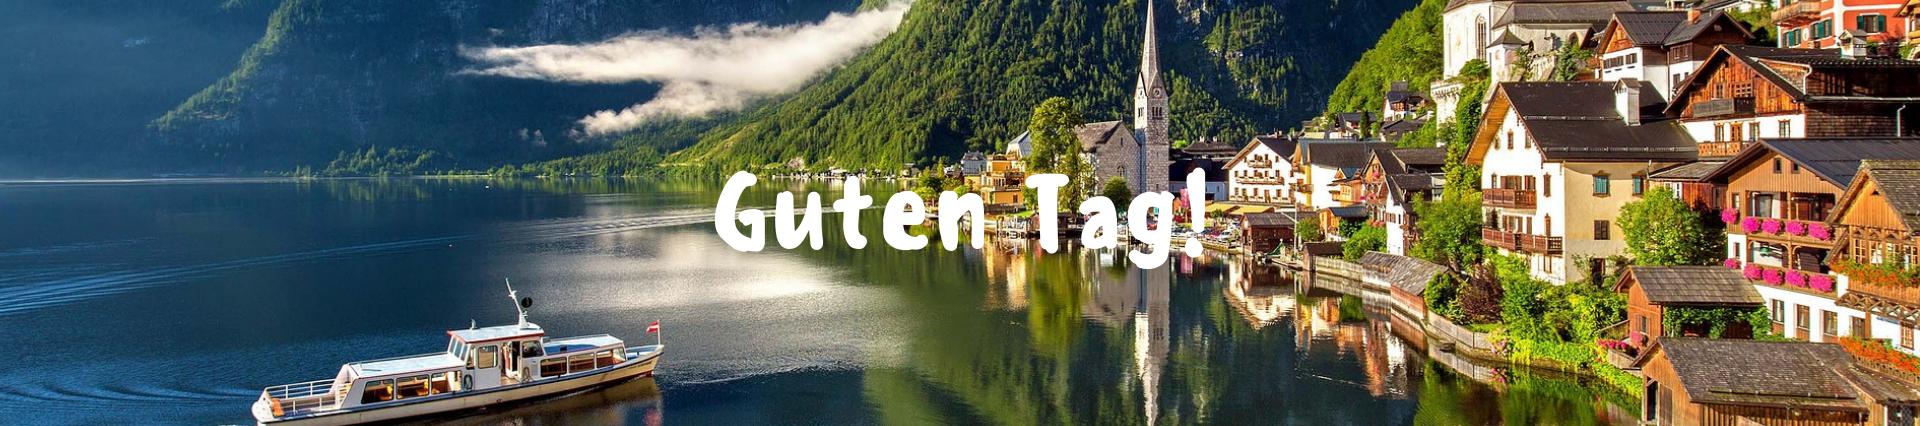 how-to-send-a-parcel-to-austria